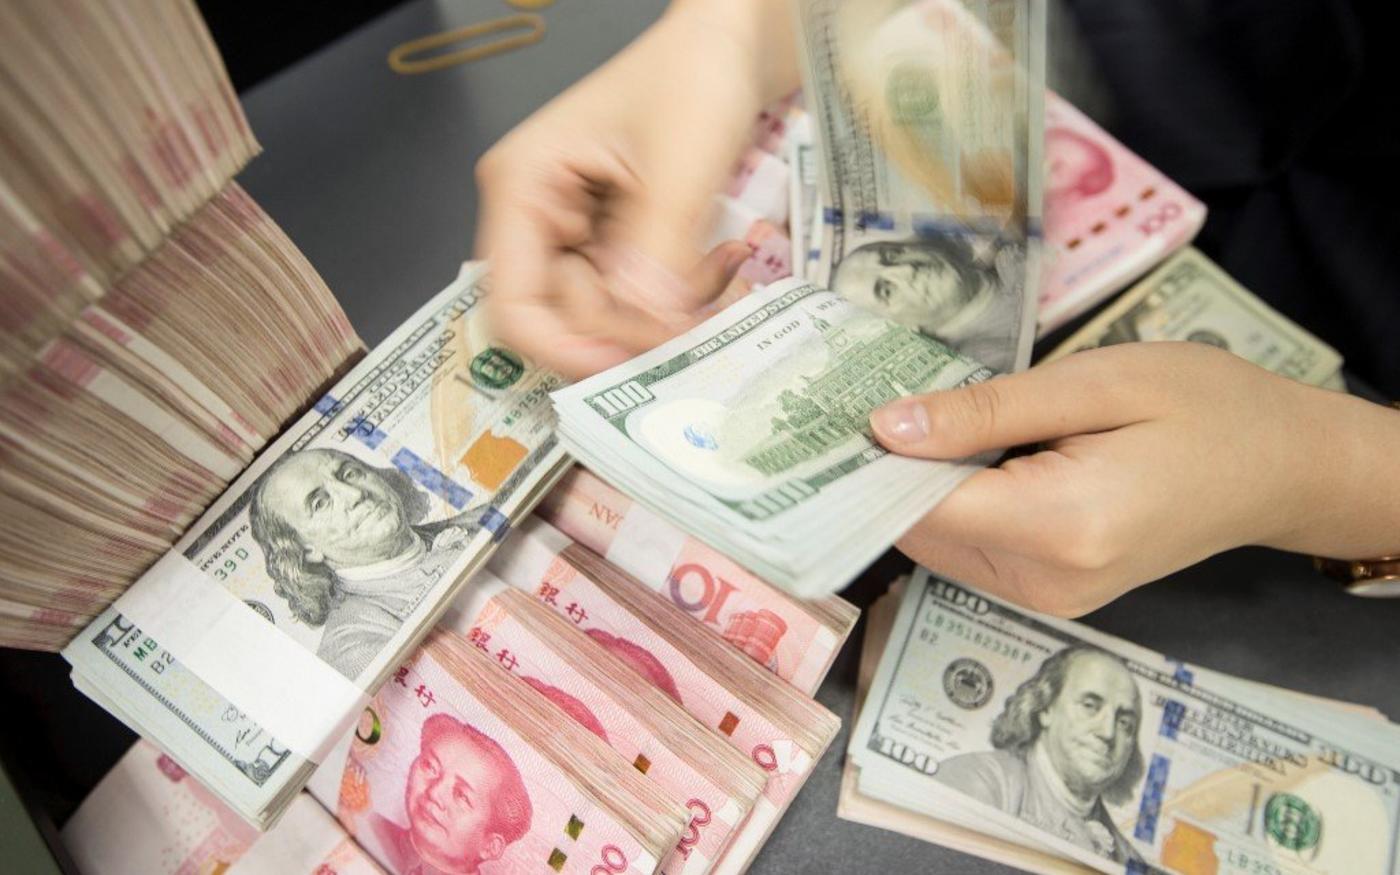 Une employée de banque chinoise compte des billets en yuans et dollars américains dans le Jiangsu en 2019 (AFP)